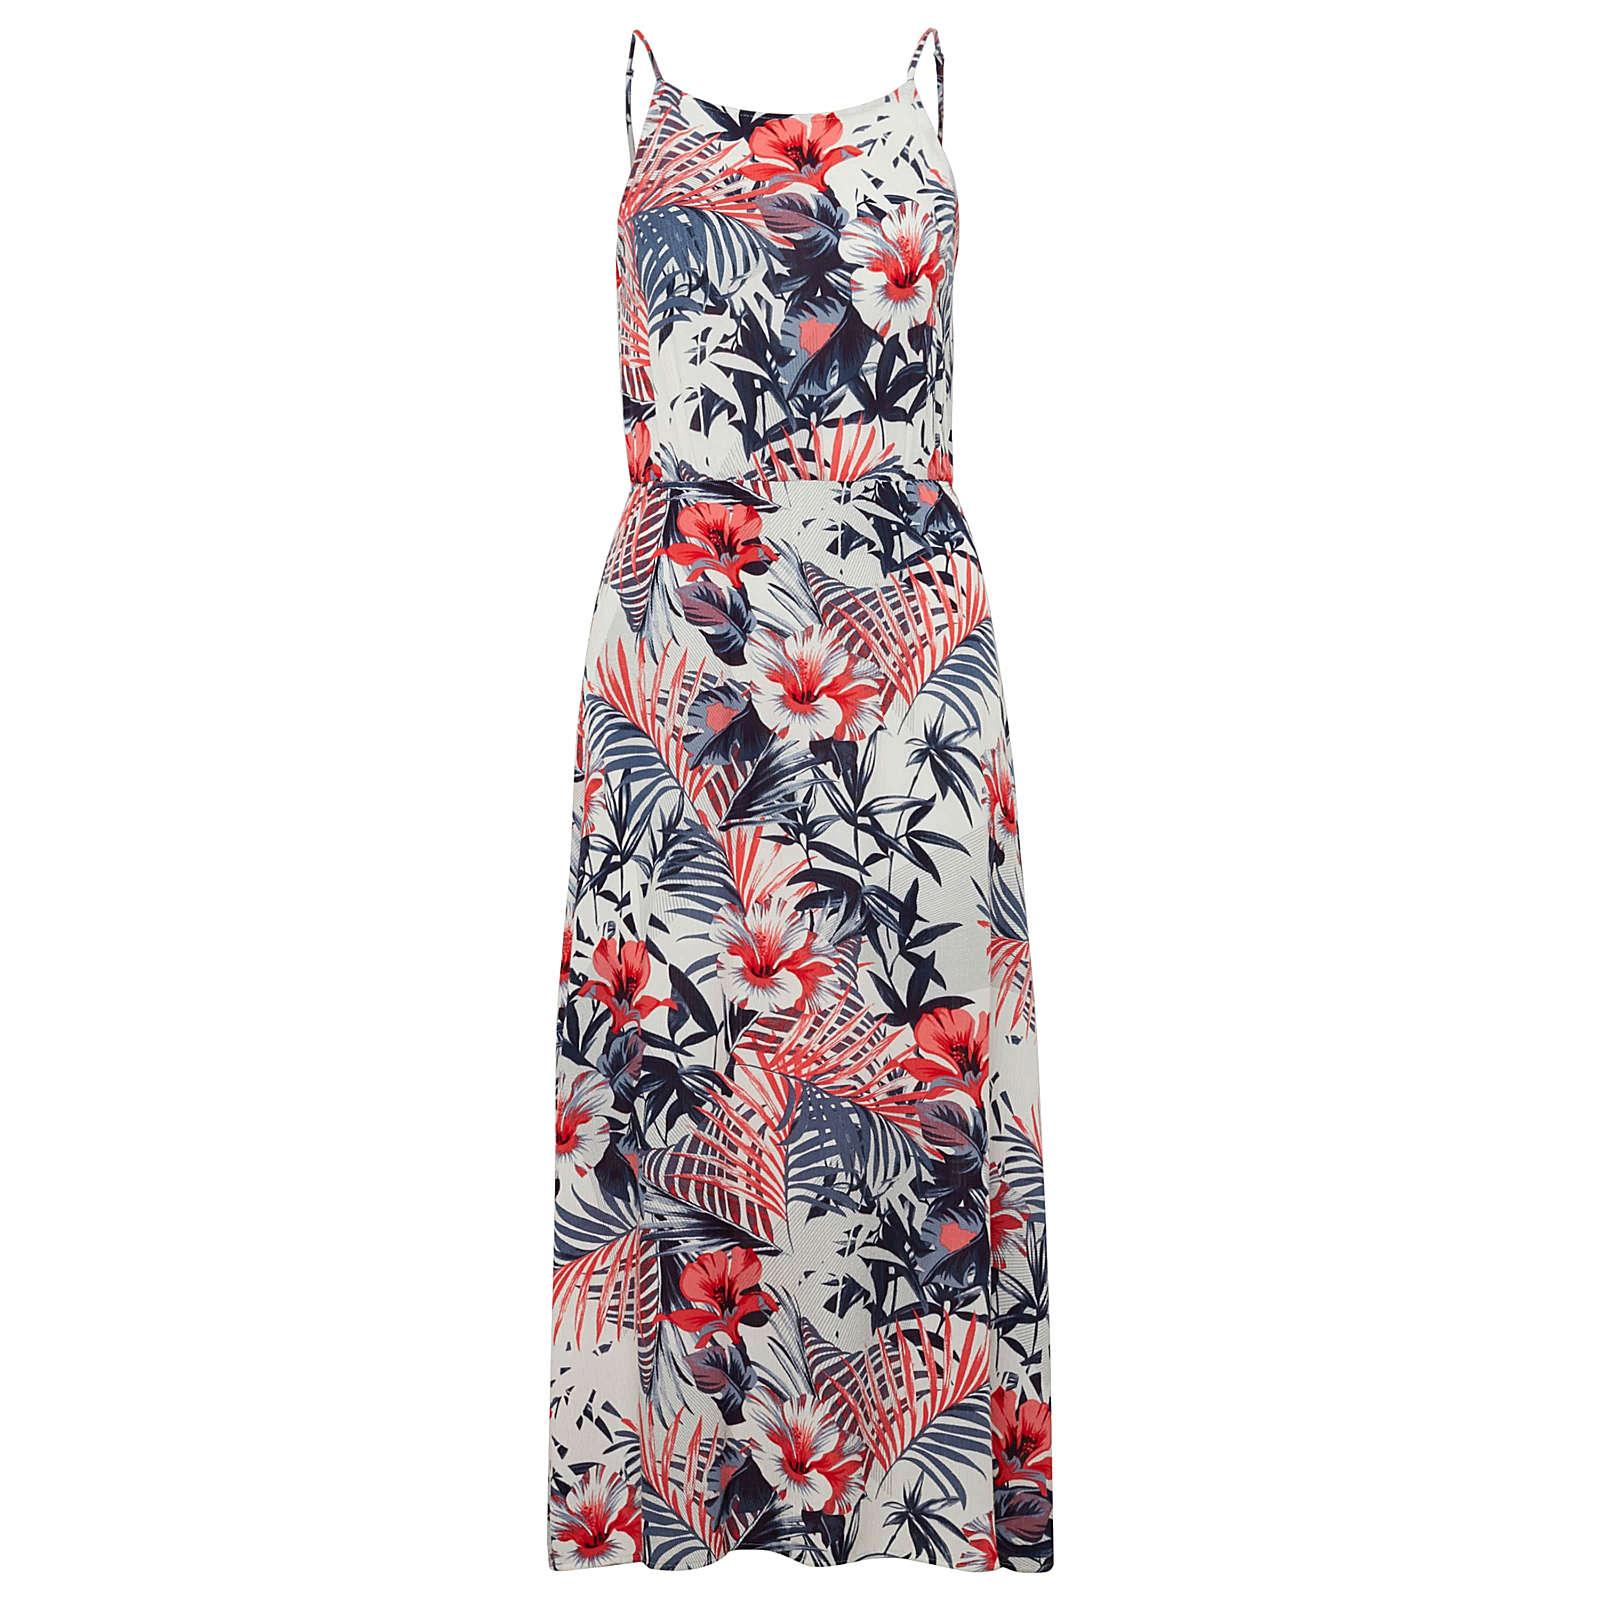 Mavi Sommerkleid Sommerkleider mehrfarbig Damen Gr. 42